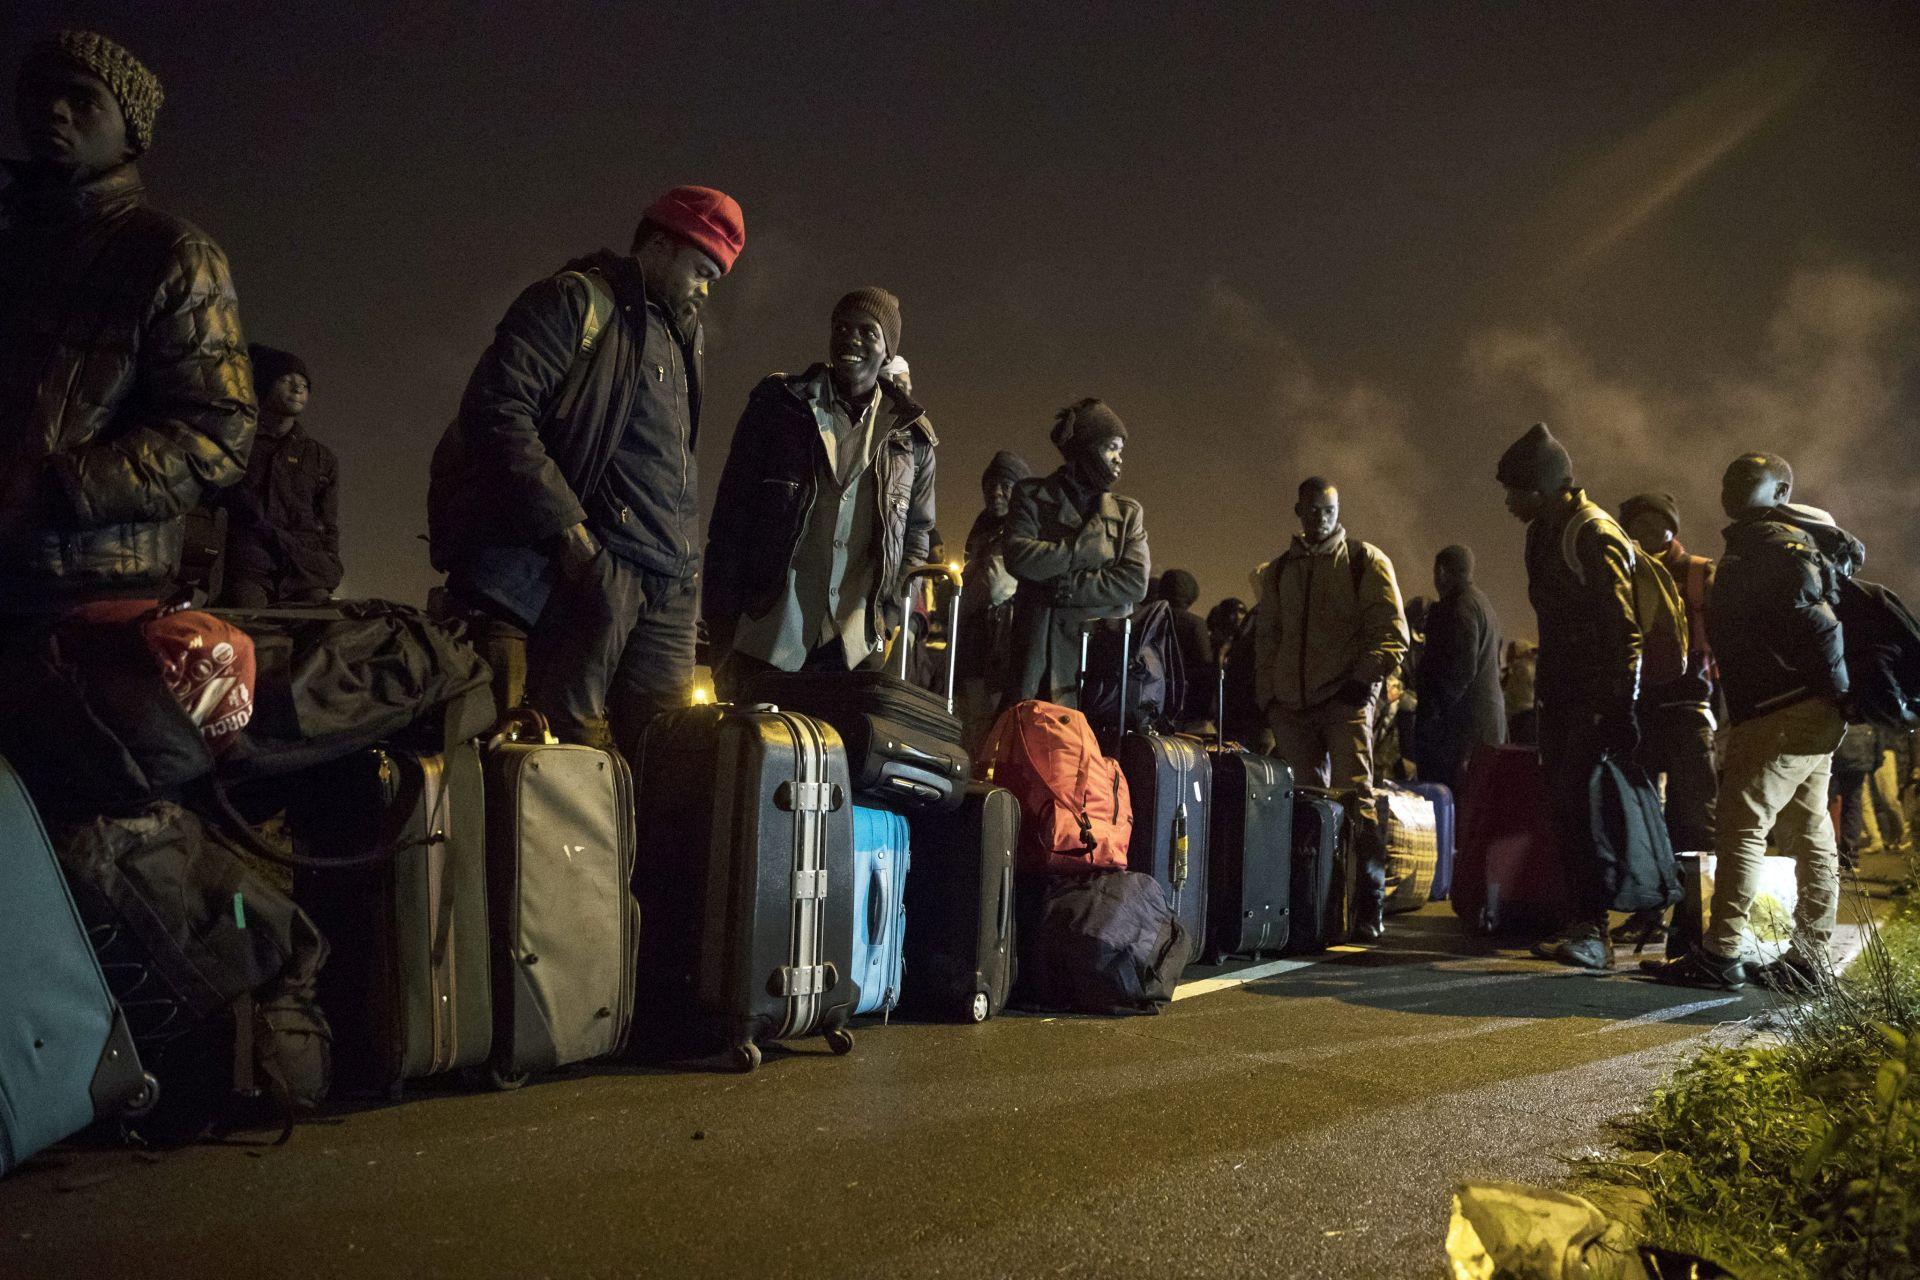 Migranti počeli s evakuacijom Džungle u Calaisu